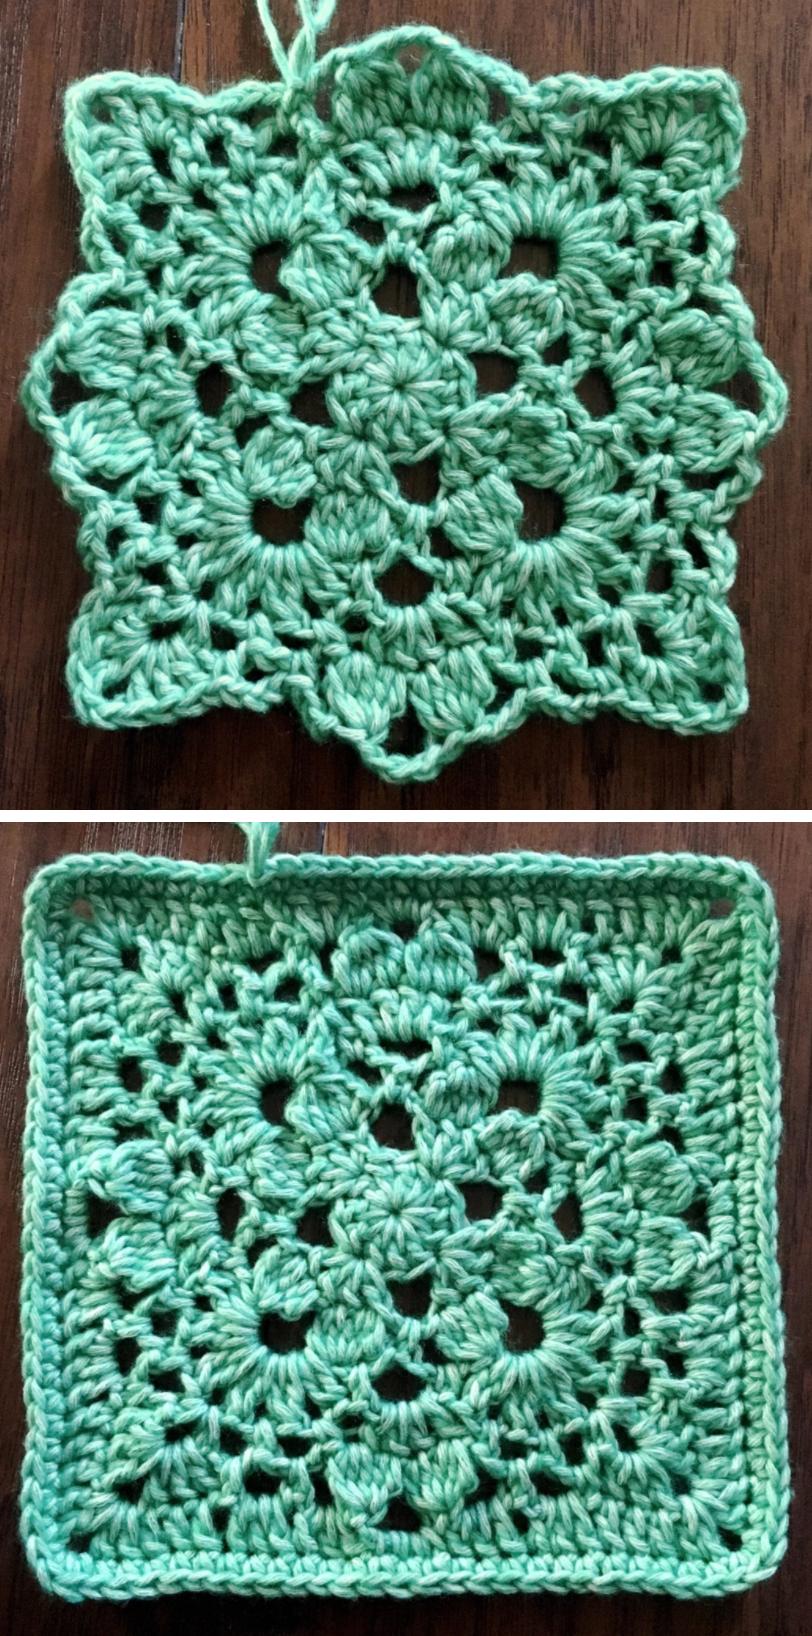 One Love: A free pattern for Granny Square Day | Aplicaciones ...